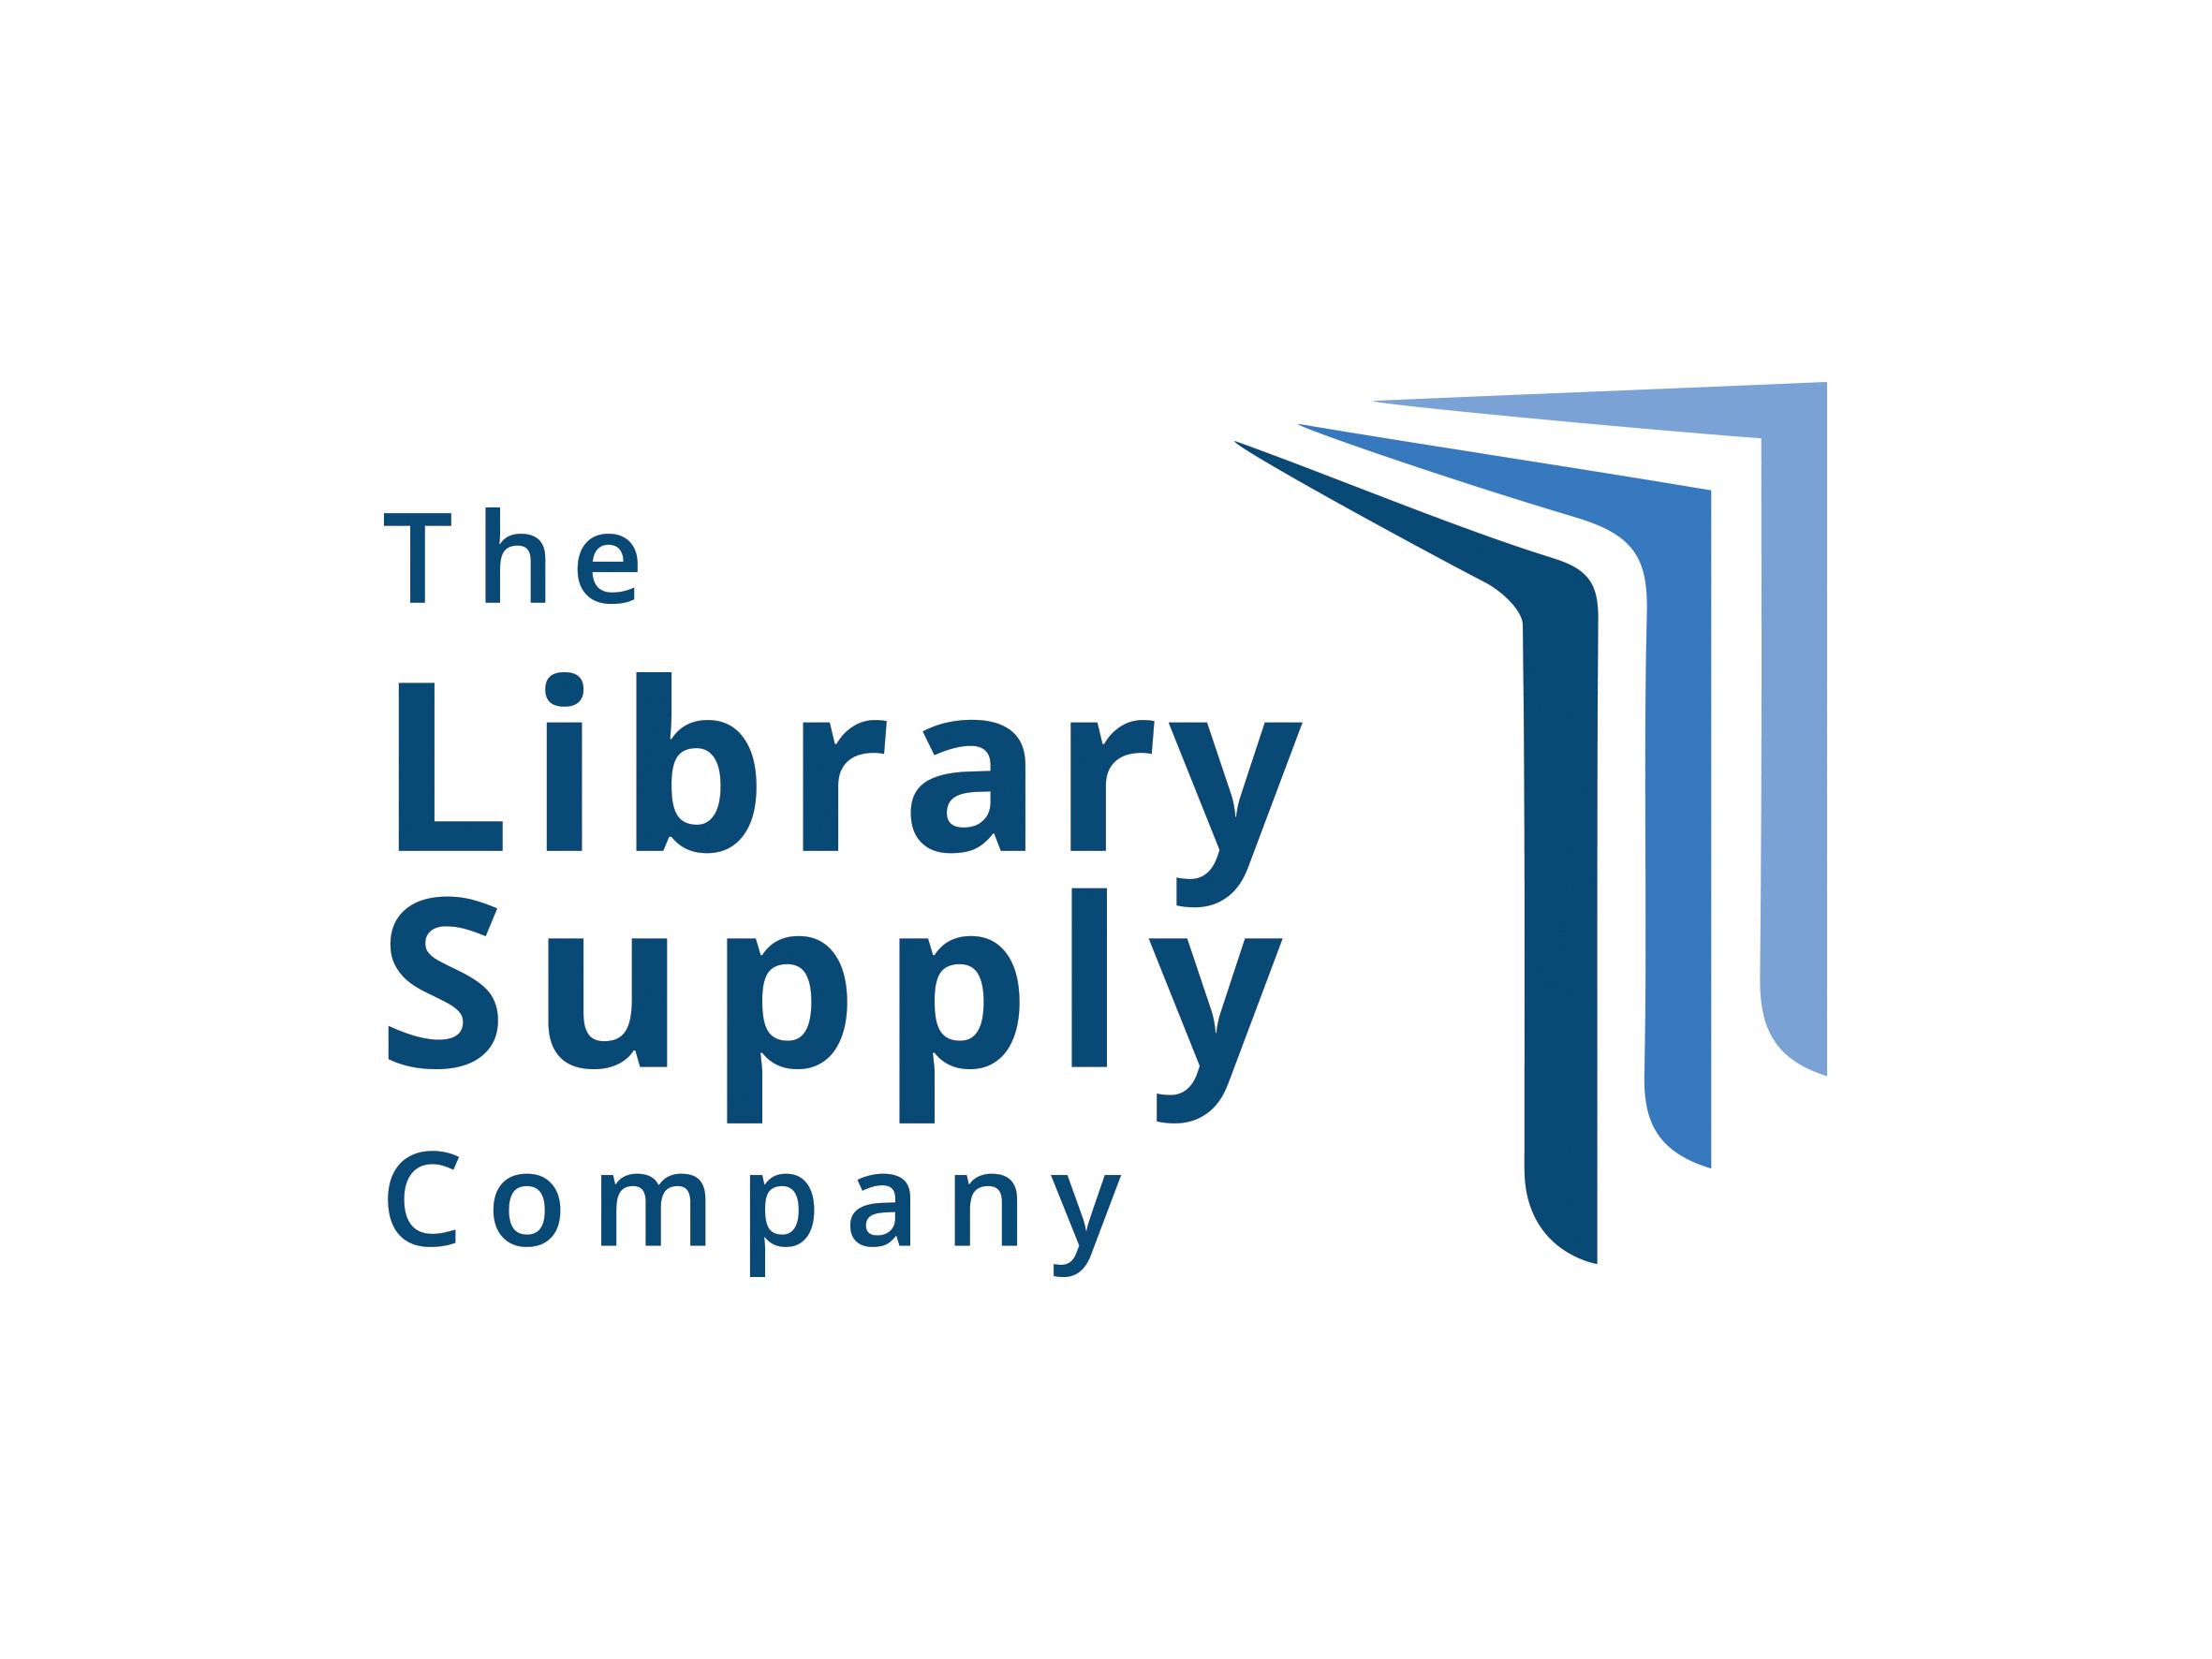 LibrarySupply_LOGO_3col_RGB